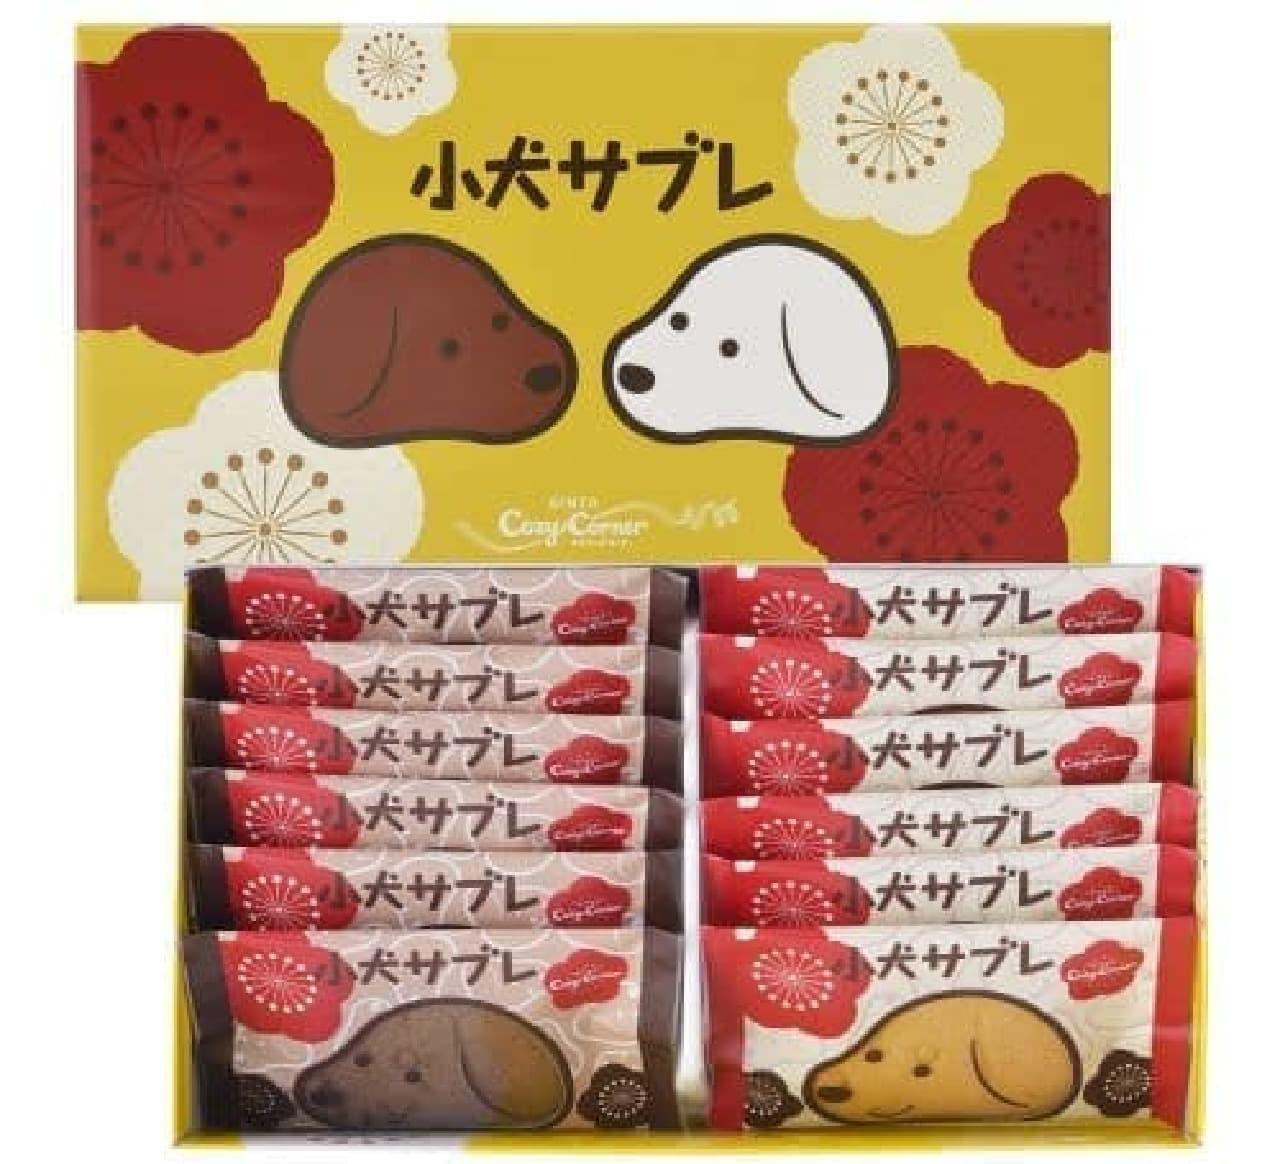 「迎春小犬サブレ」はプレーンとココア風味の2つの味わいが、お正月限定パッケージに詰め合わせられたセット